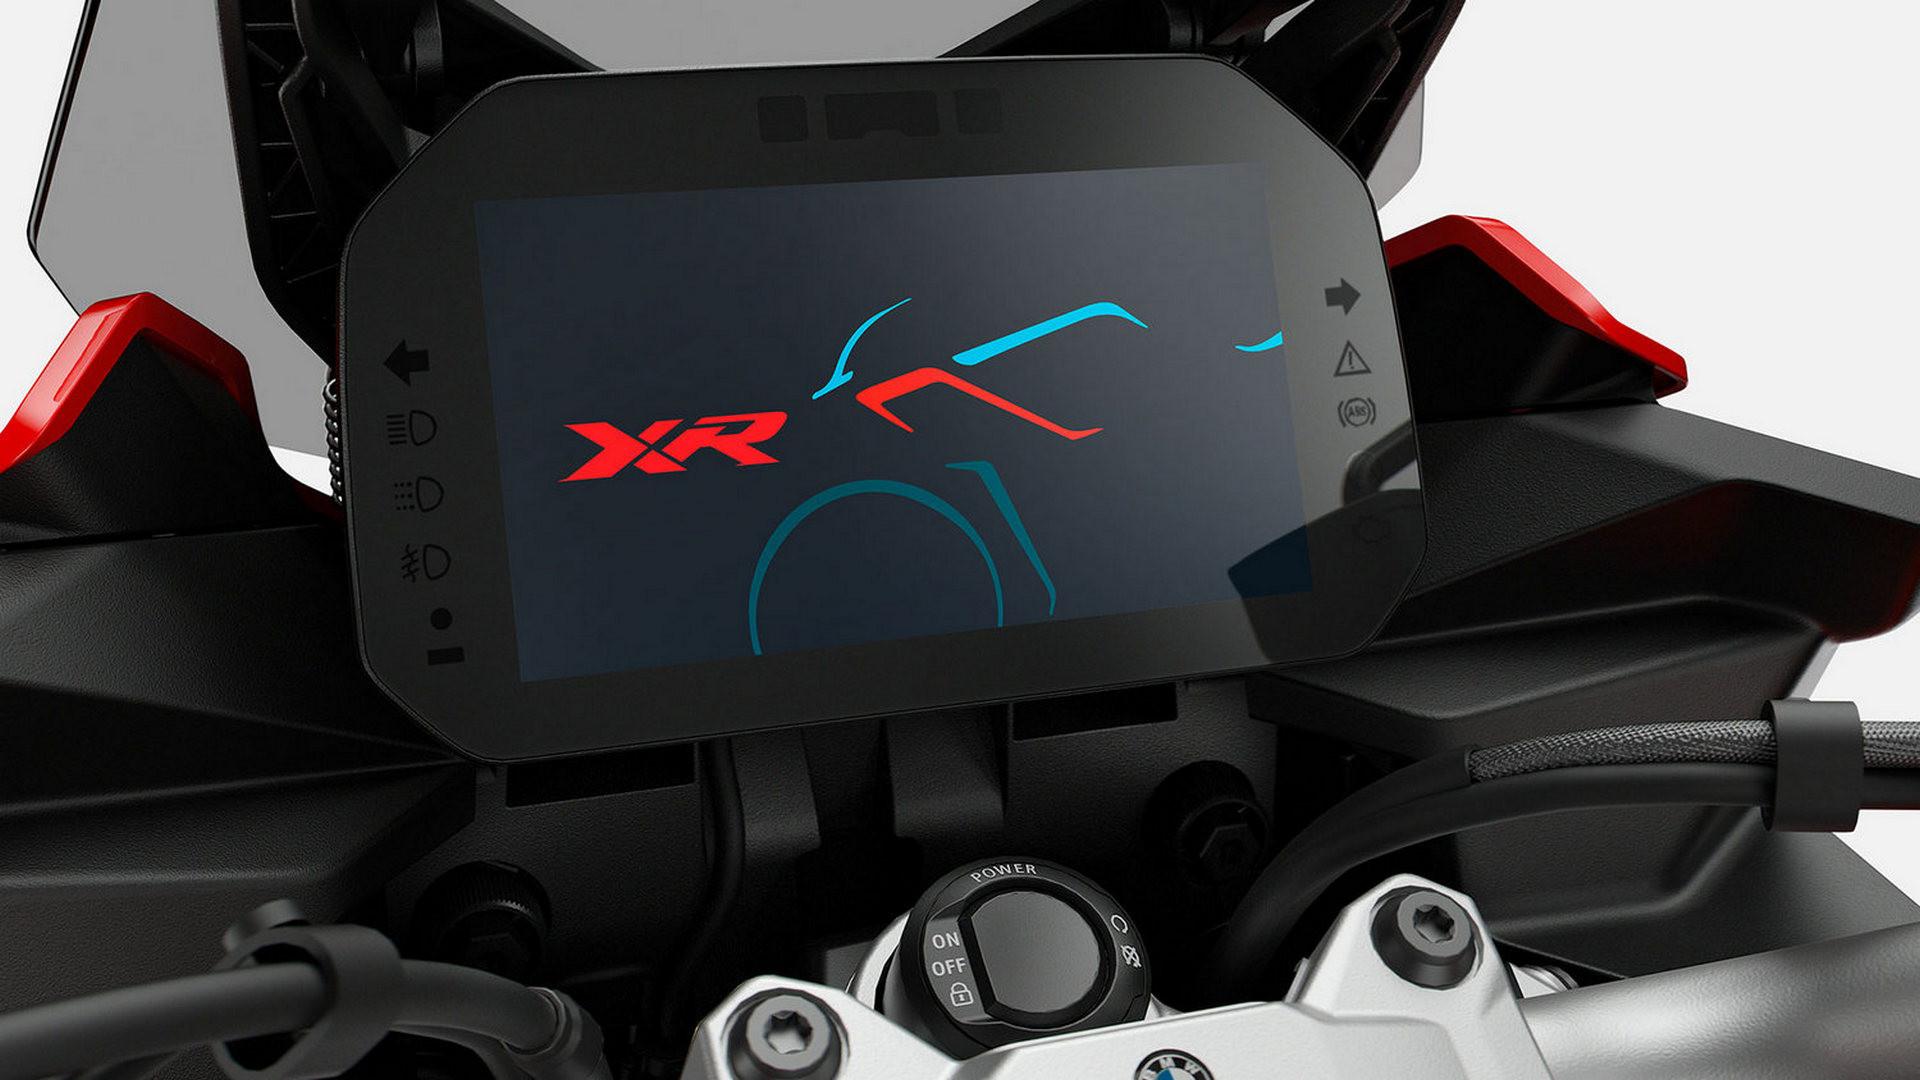 Приборная панель BMW Motorrad Connectivity с TFT-дисплеем.